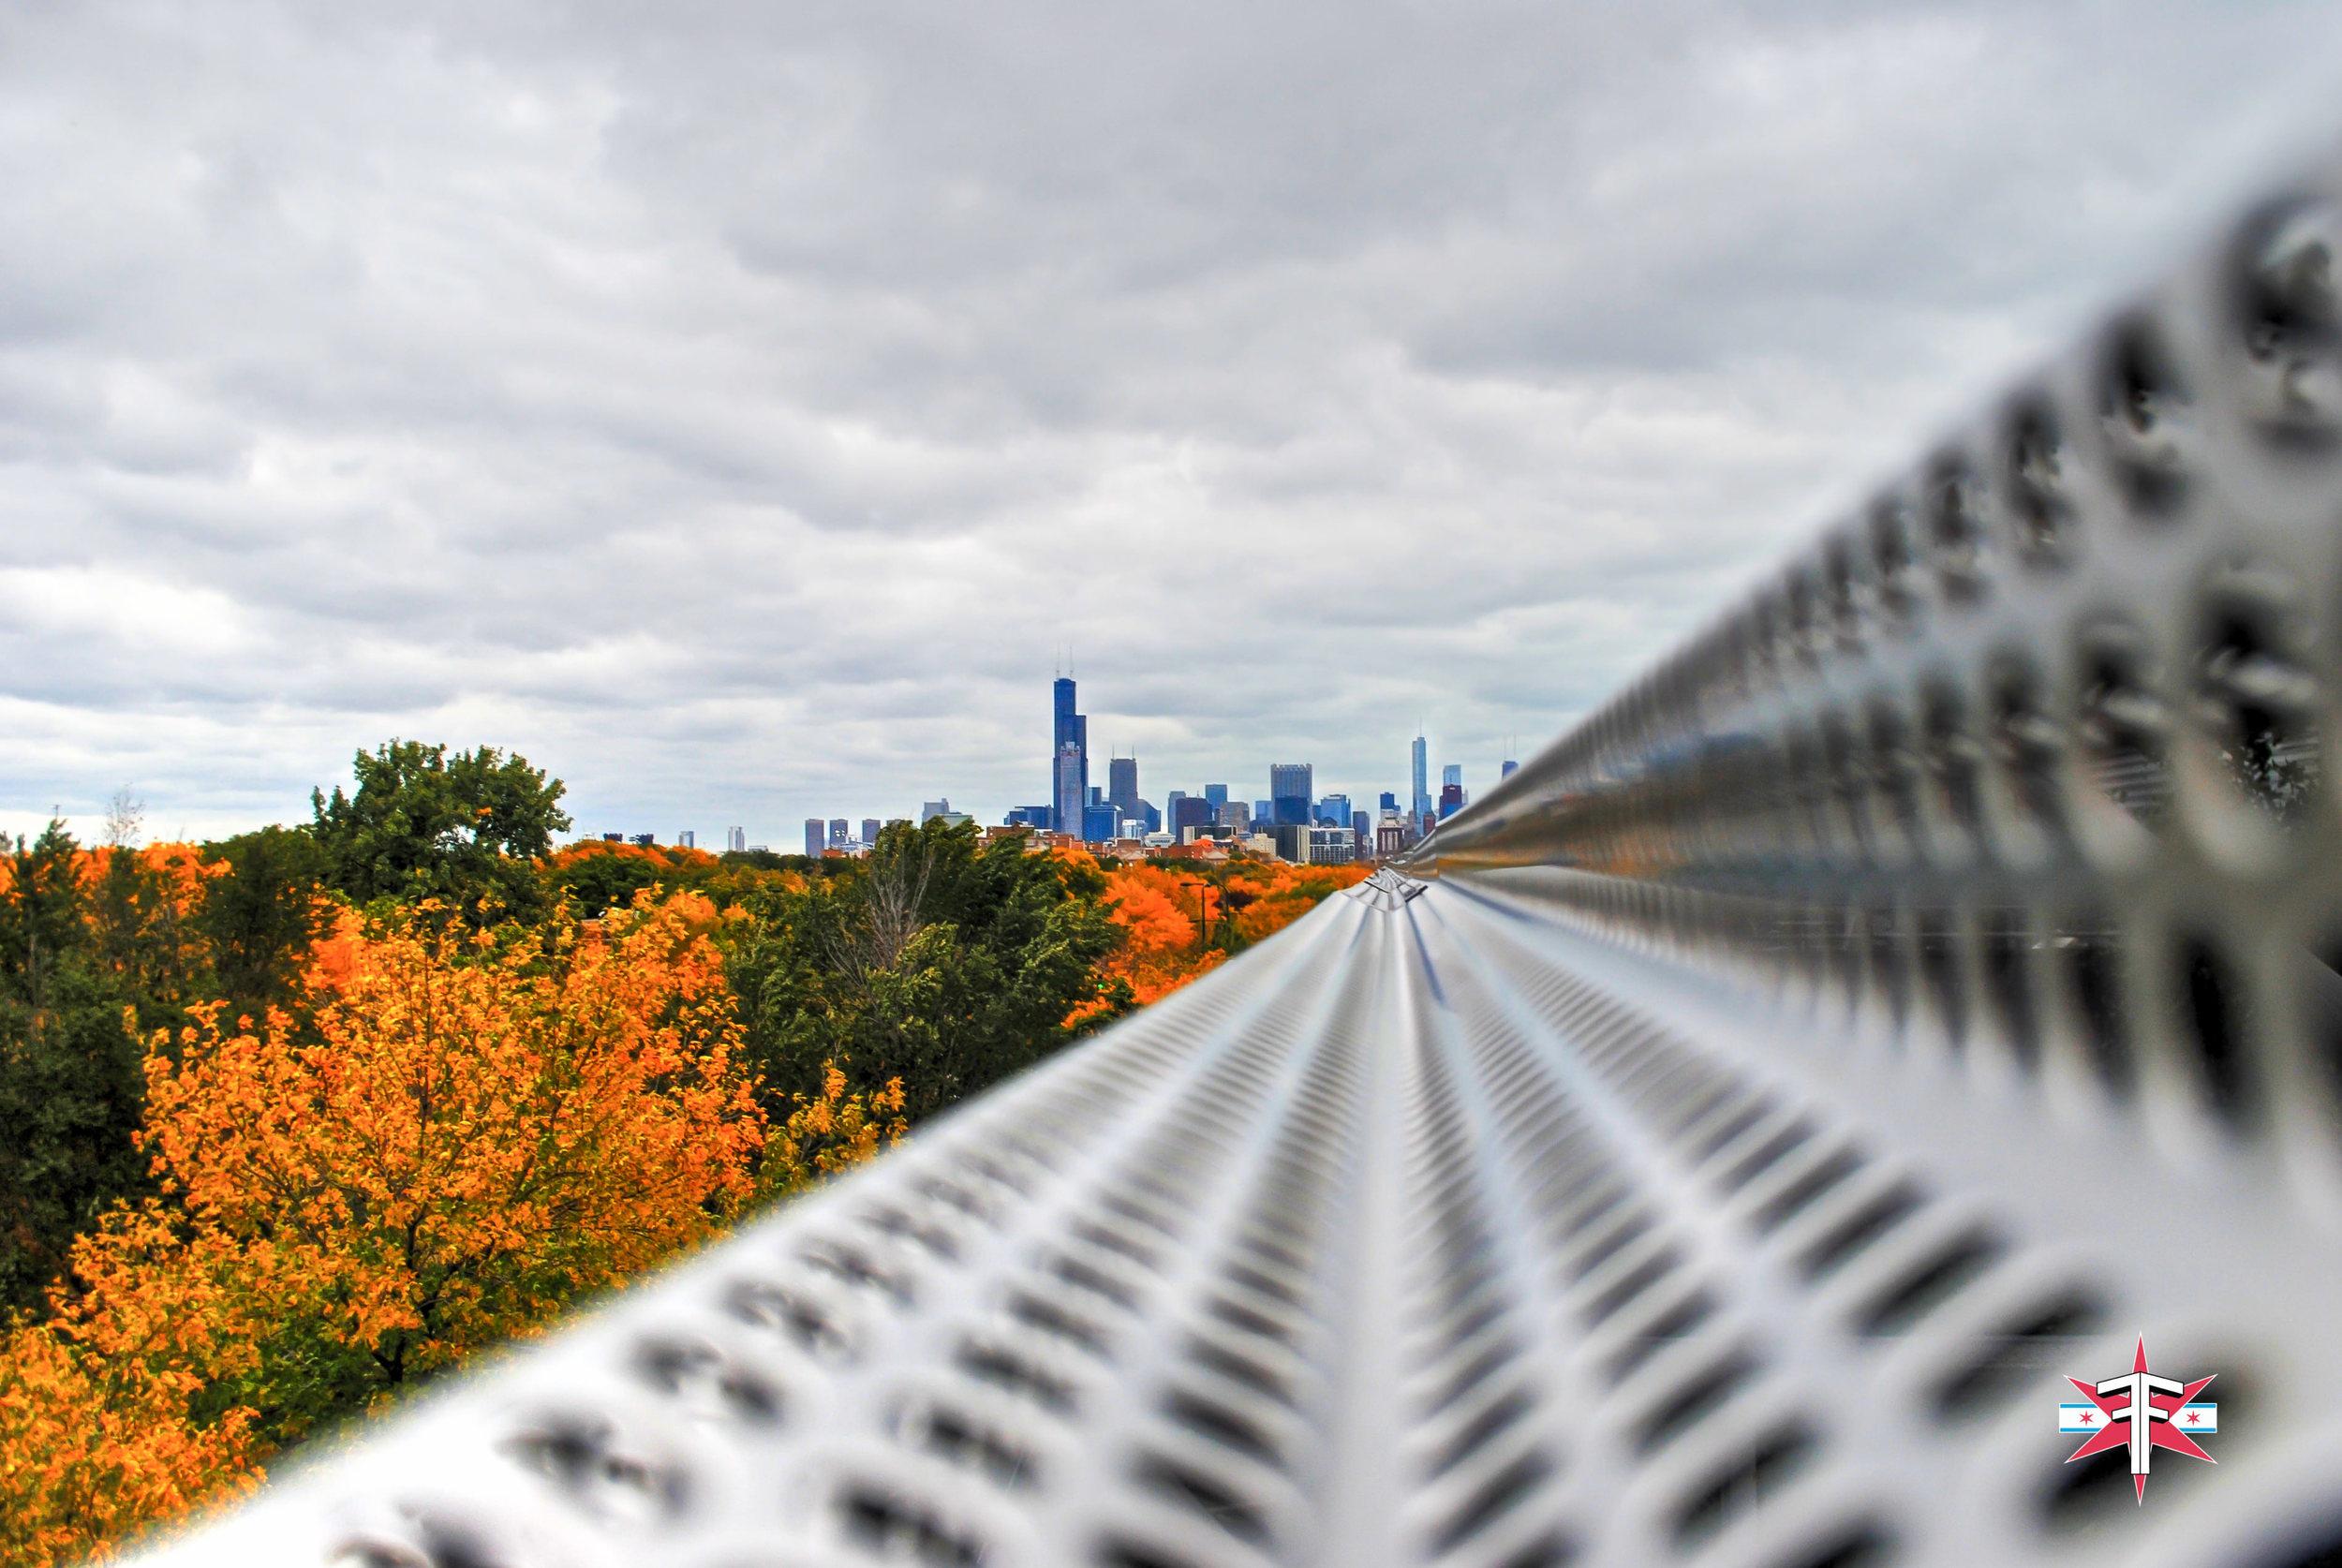 chicago art architecture eric formato photography design arquitectura architettura buildings skyscraper skyscrapers-225.jpg